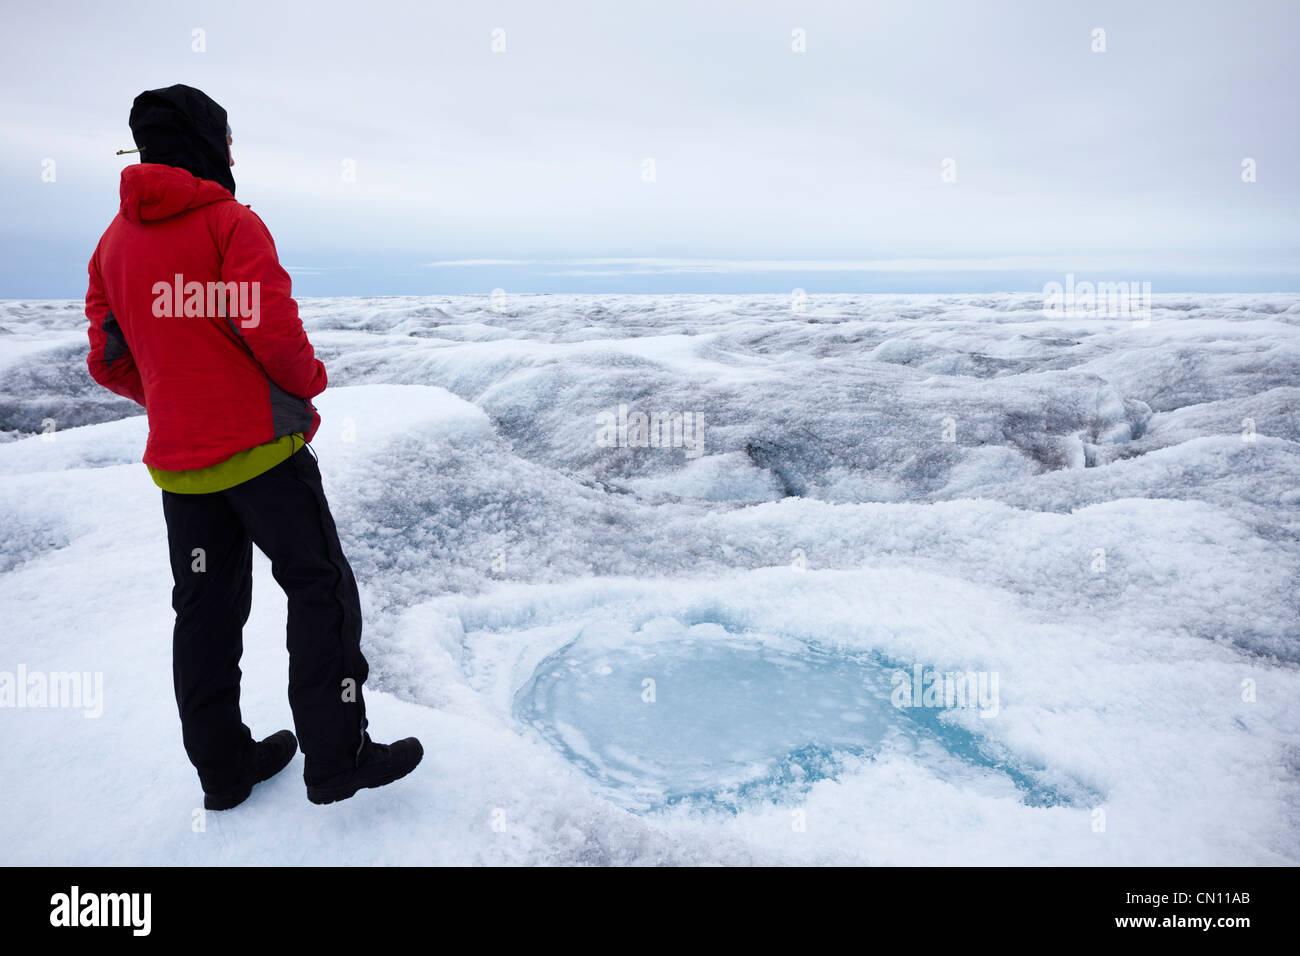 Grönlands Inlandeis - Blick auf den spaltenreichen Gletscher im Sommer - Herr Stockbild